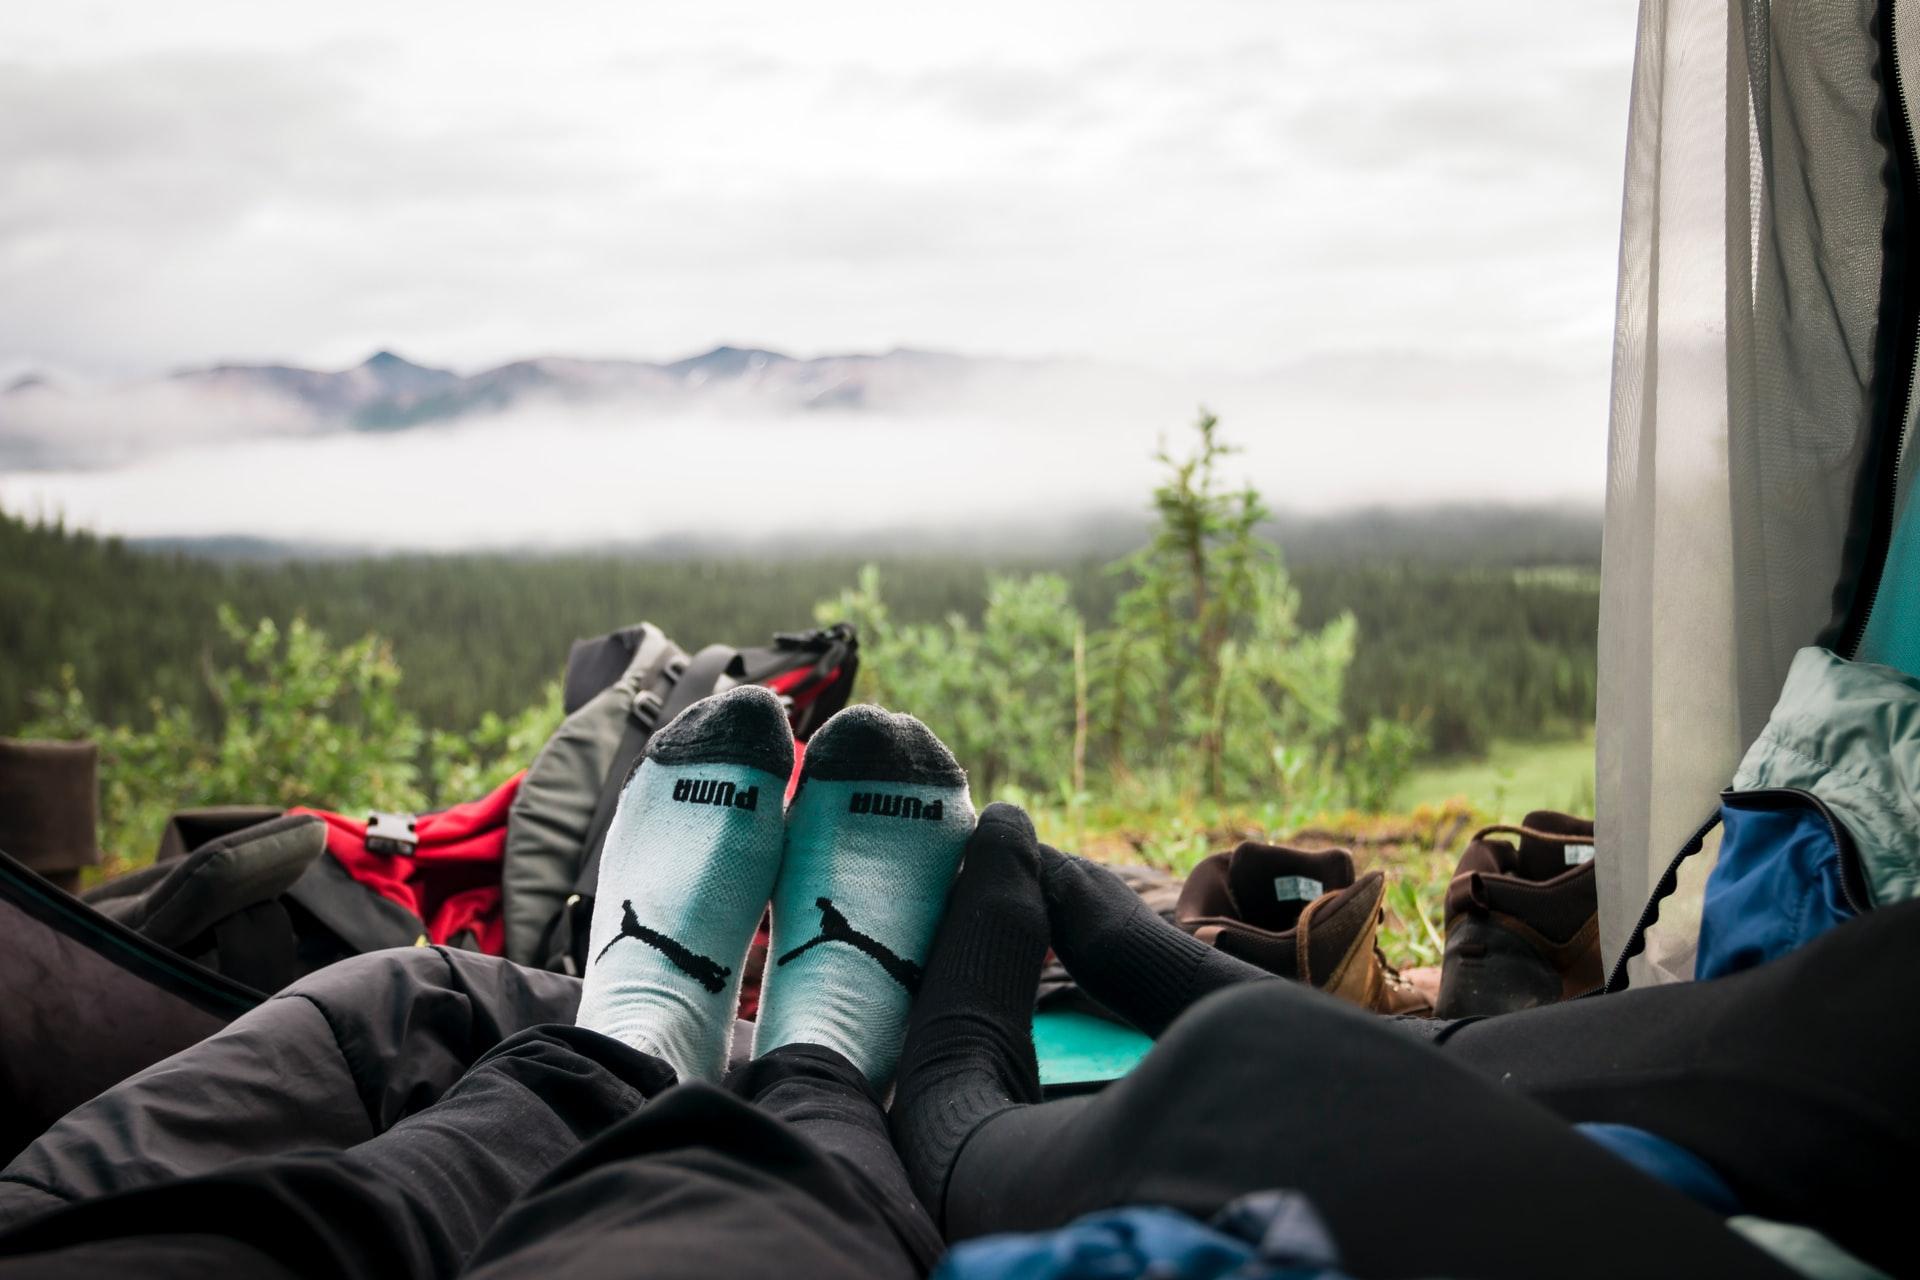 steve halama   DMS6 yKzg unsplash - Gør campingferien bedre med praktisk tilbehør